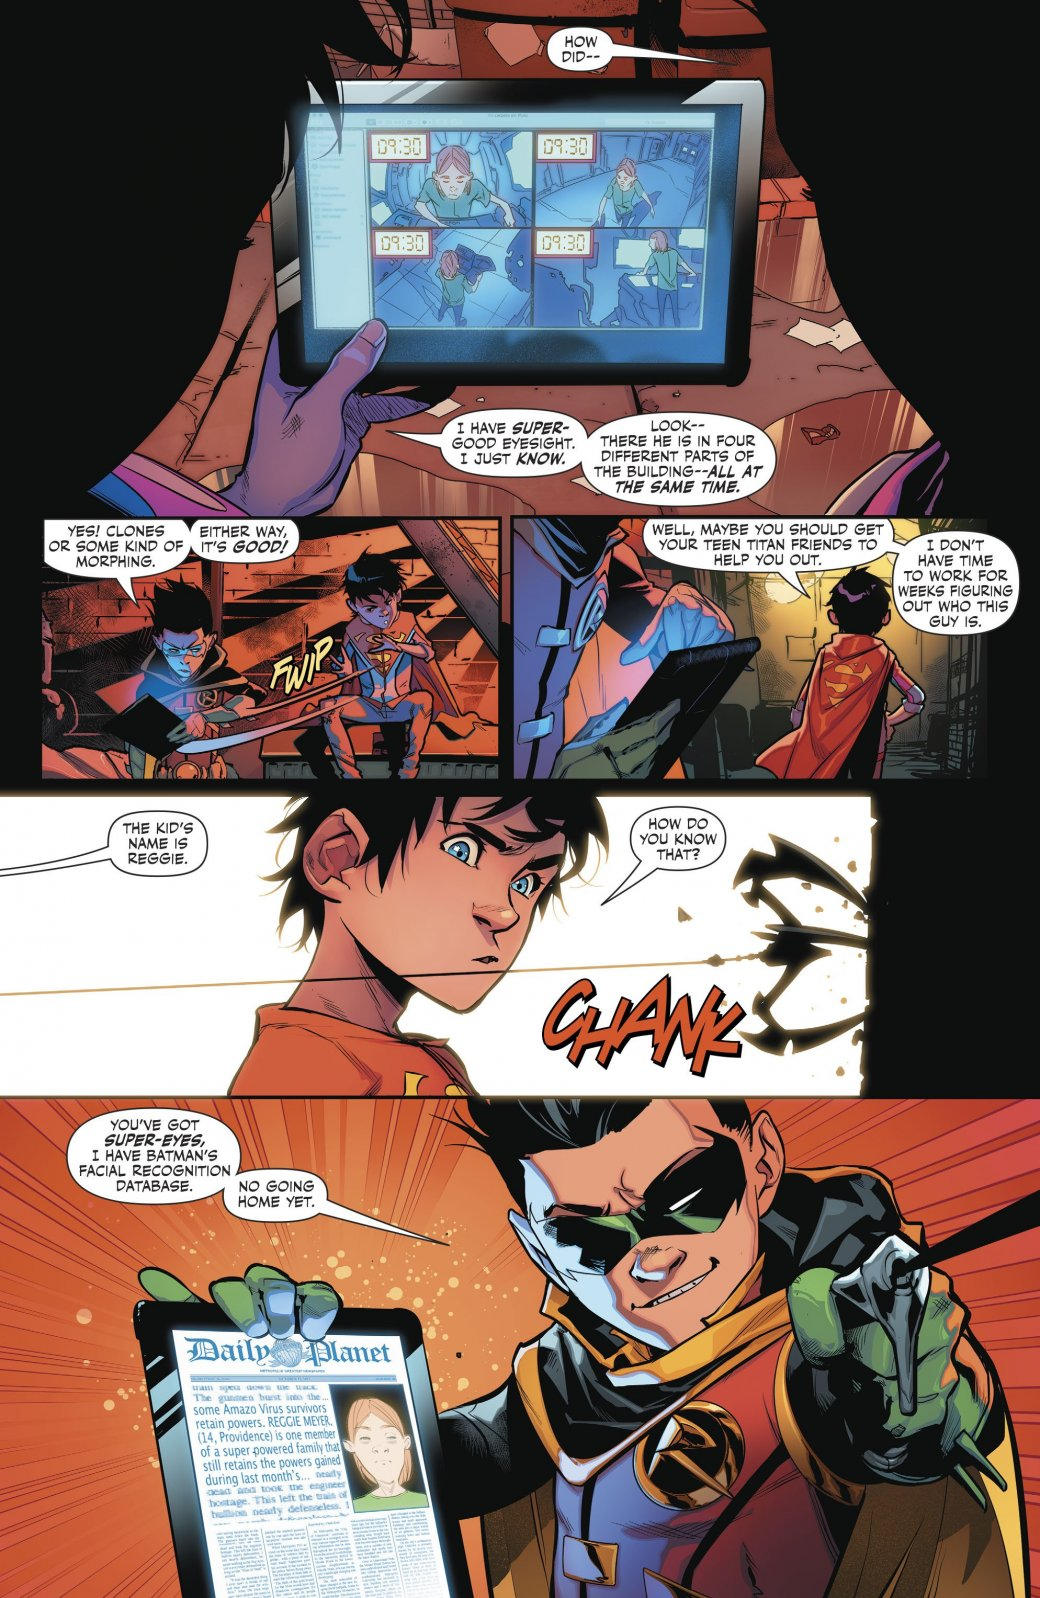 Супербой и Робин столкнулись со своим первым суперзлодеем - Изображение 3